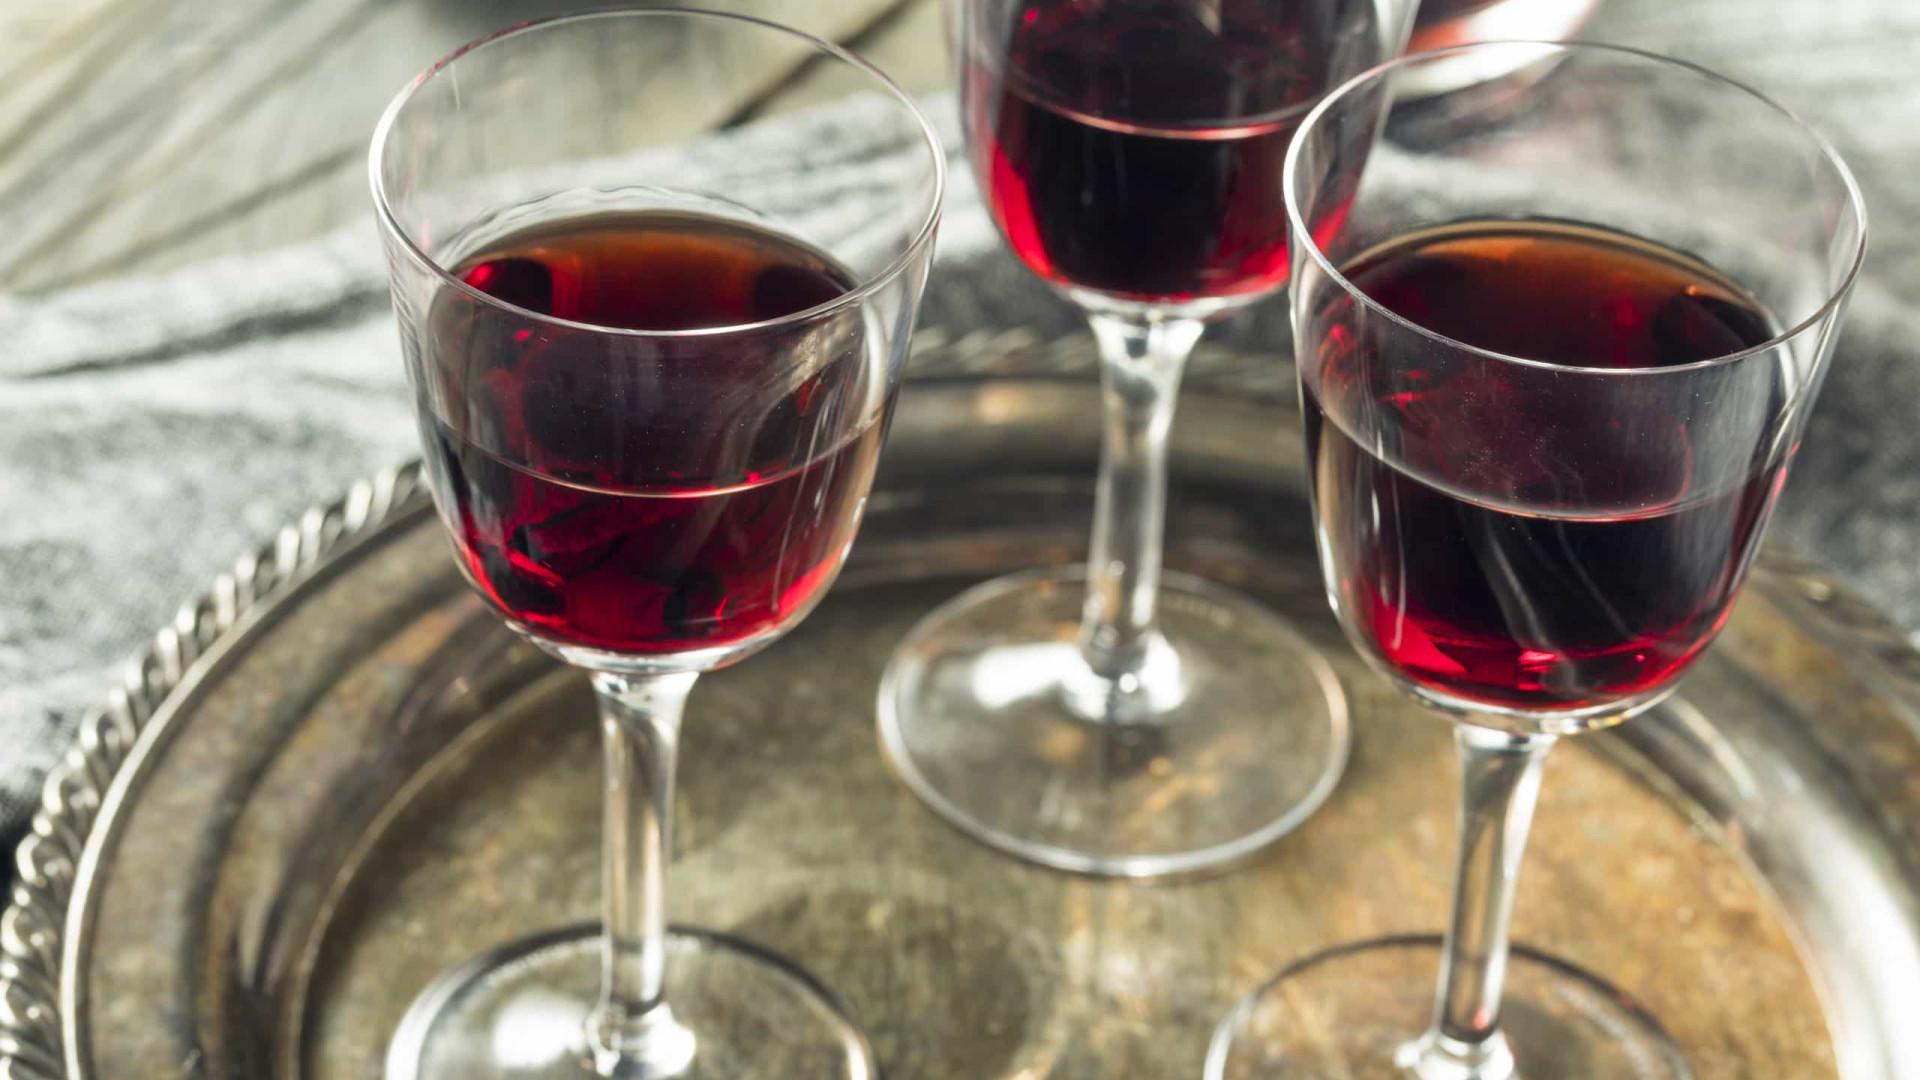 Nutricionista explica os benefícios do consumo moderado de vinho